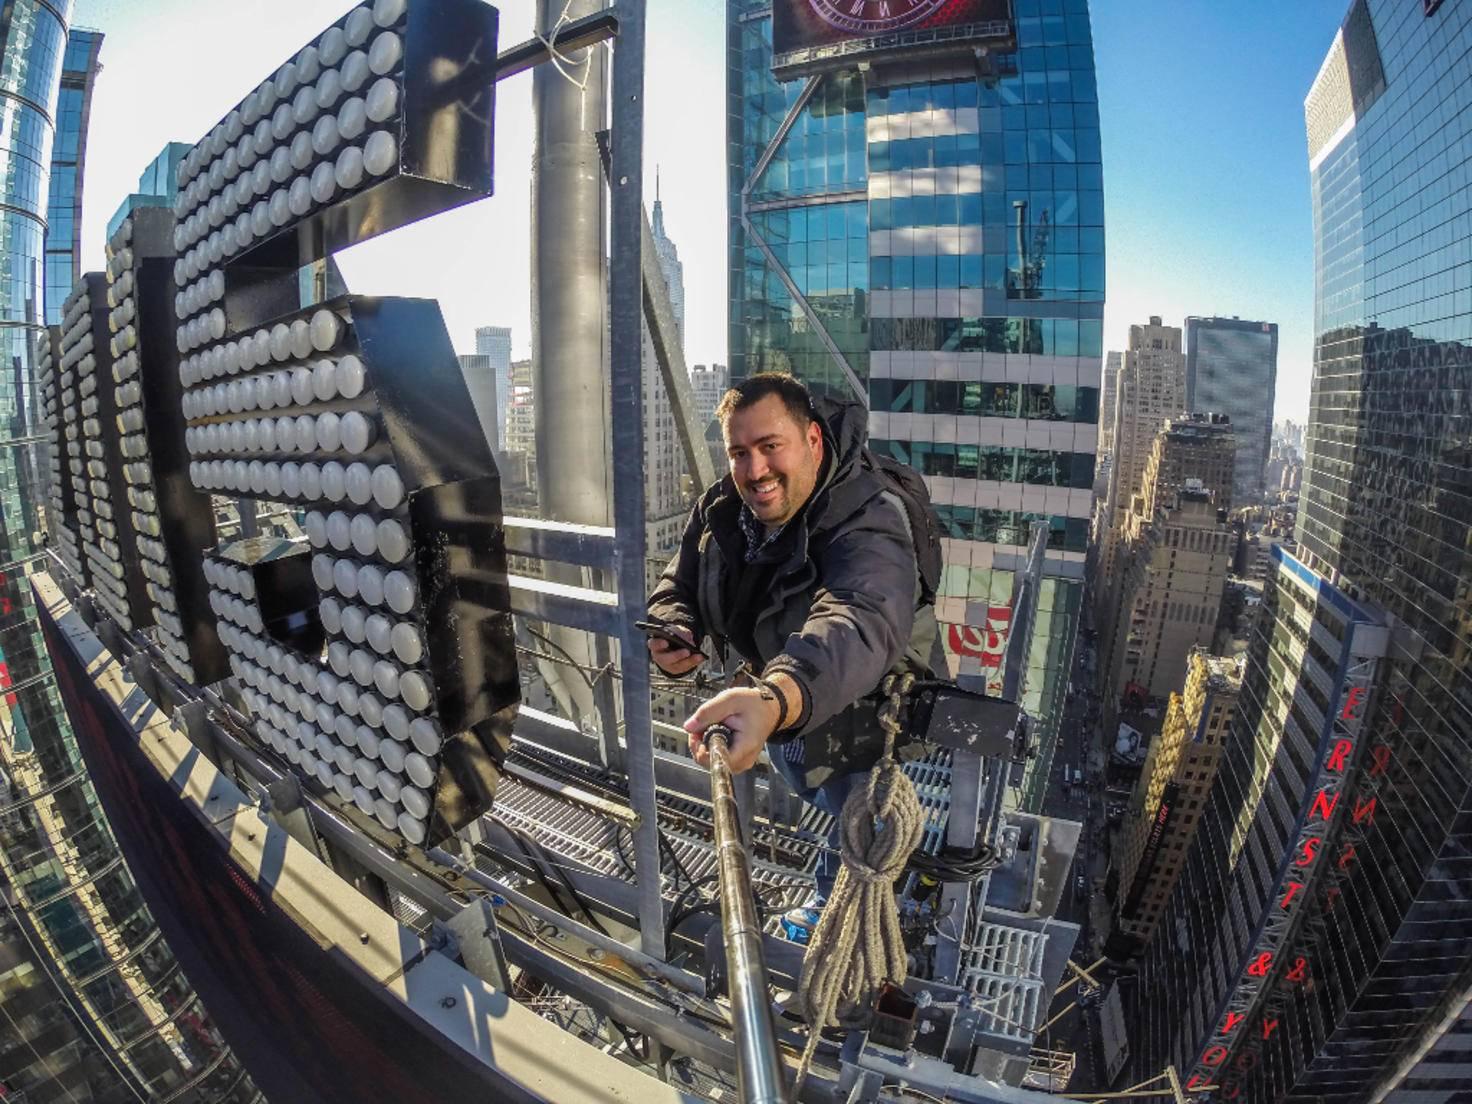 Quintano fand am Times Square auch noch Zeit für ein GoPro-Selfie.